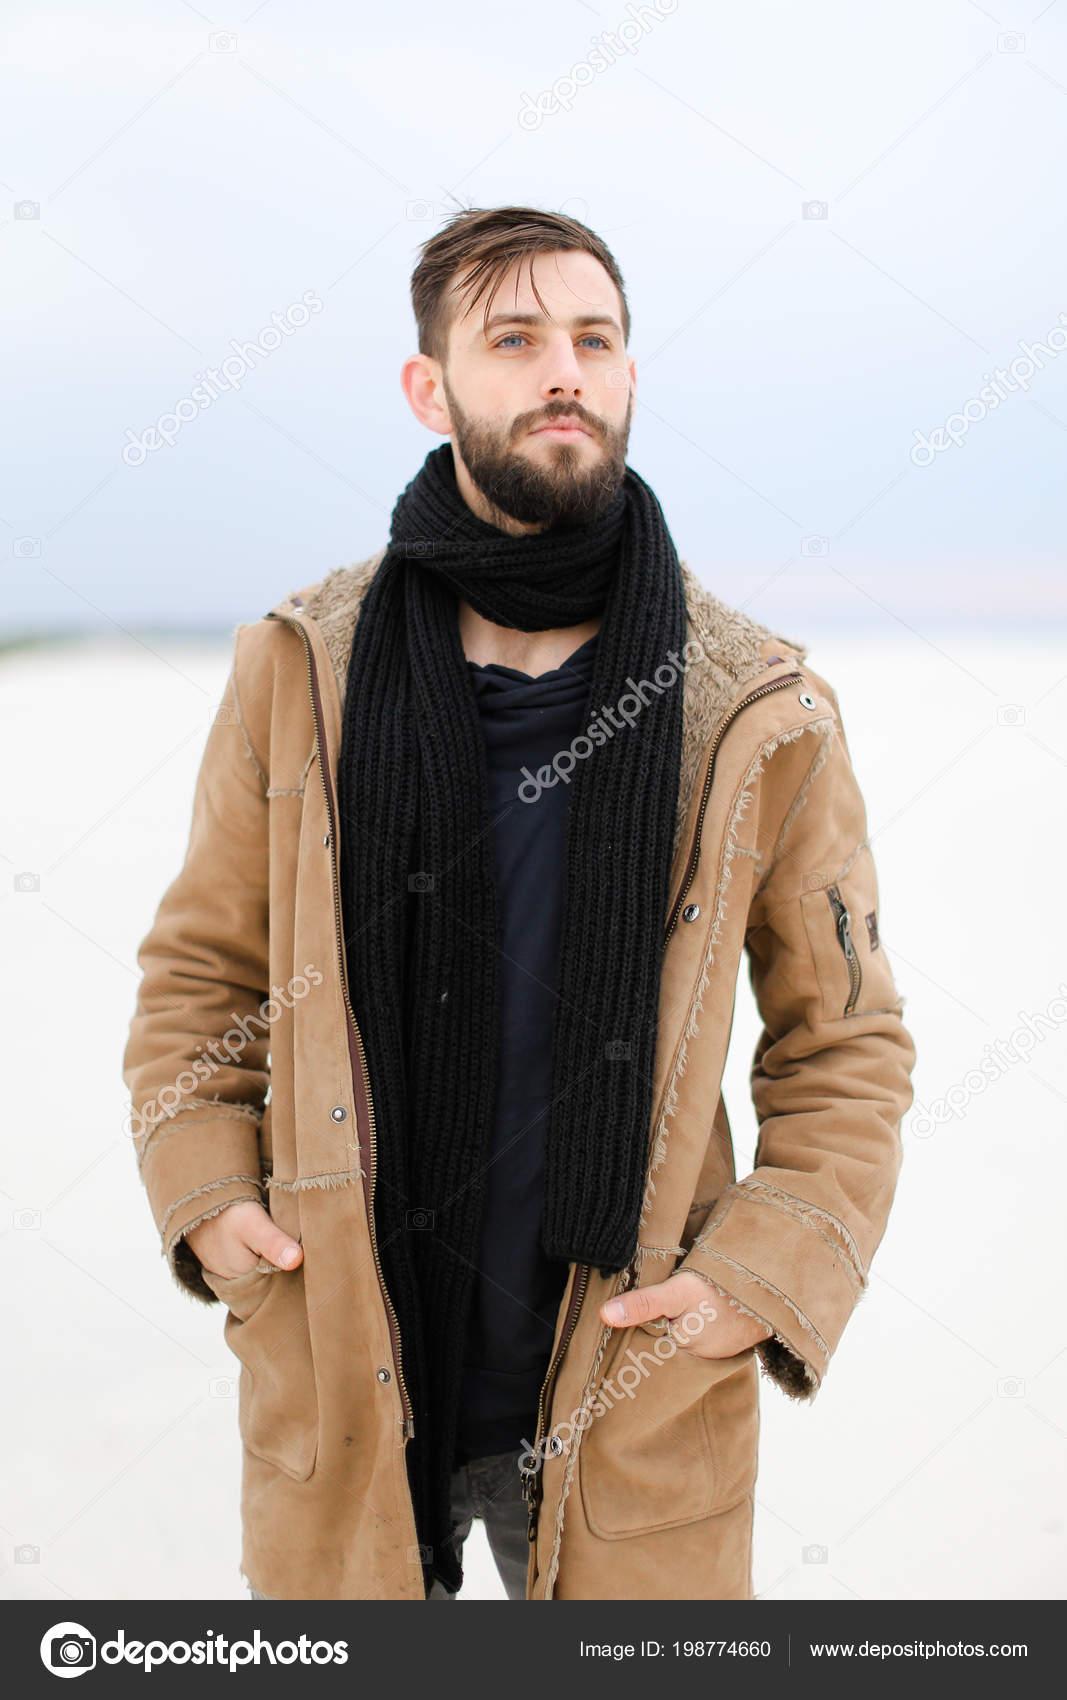 a543e32219f9 Personne de sexe masculin jeune européen avec barbe porte manteau et écharpe  debout dans le fond de blanc neige– images de stock libres de droits